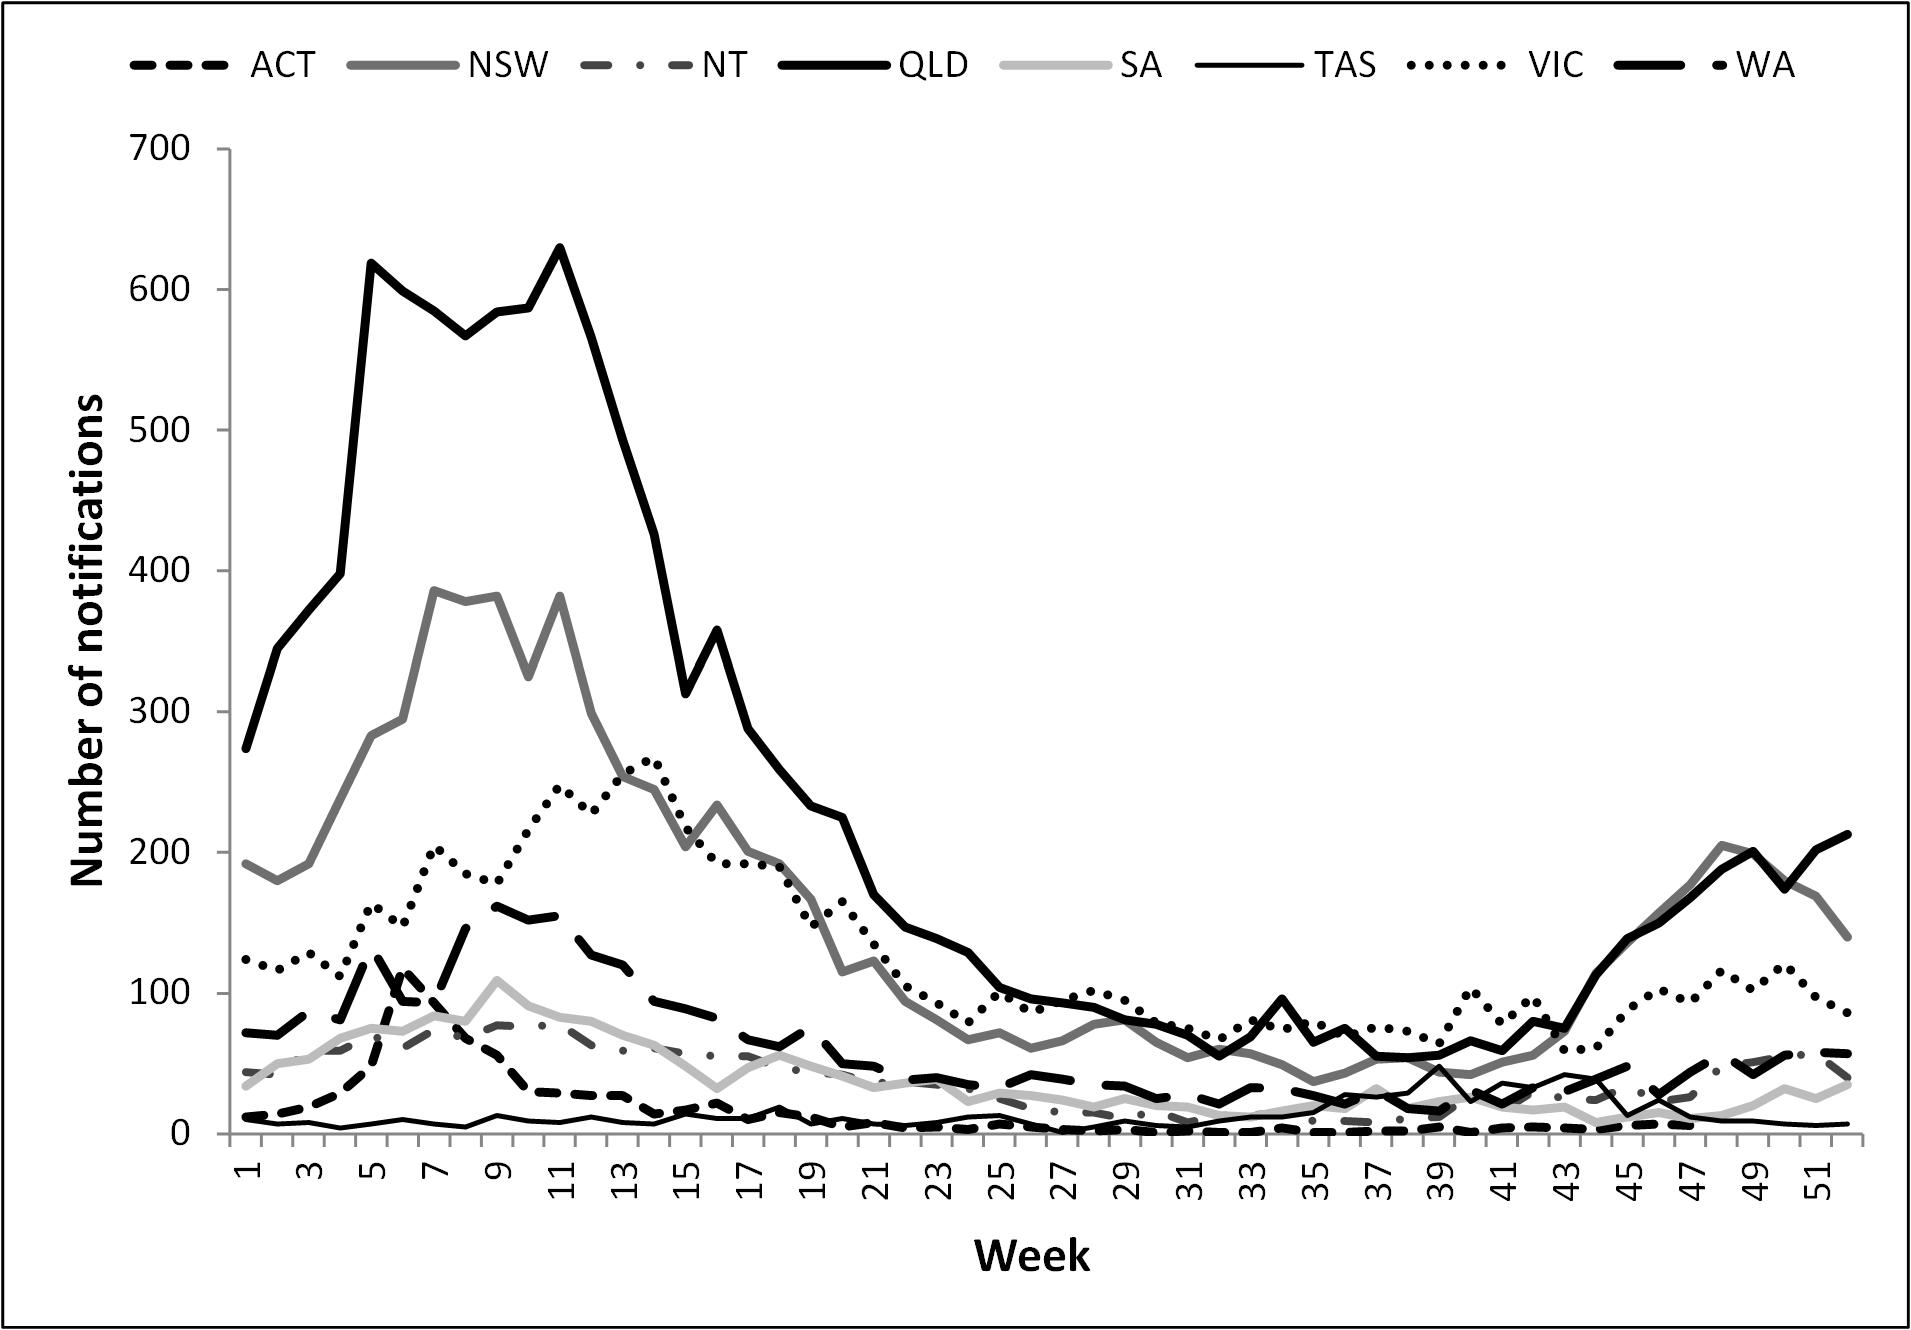 giardia outbreak nsw